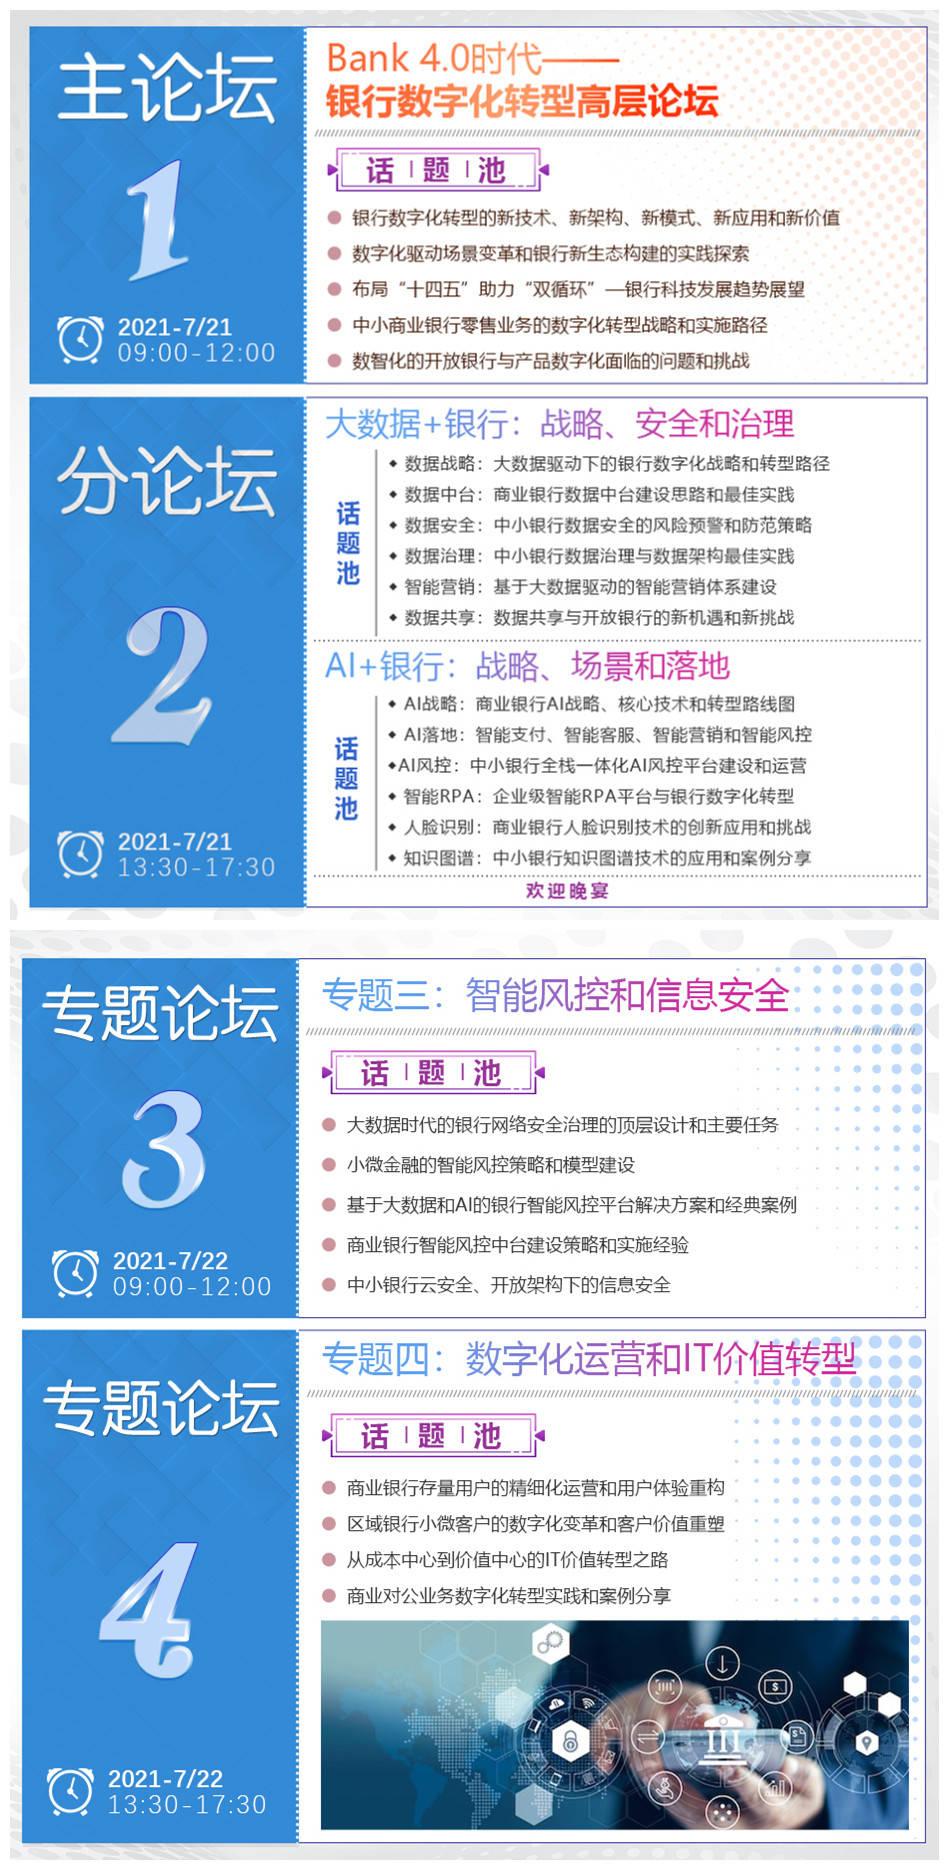 智见未来!FCS 第四届中国银行CIO峰会即将南下,7月21-22日,与您相聚广州!